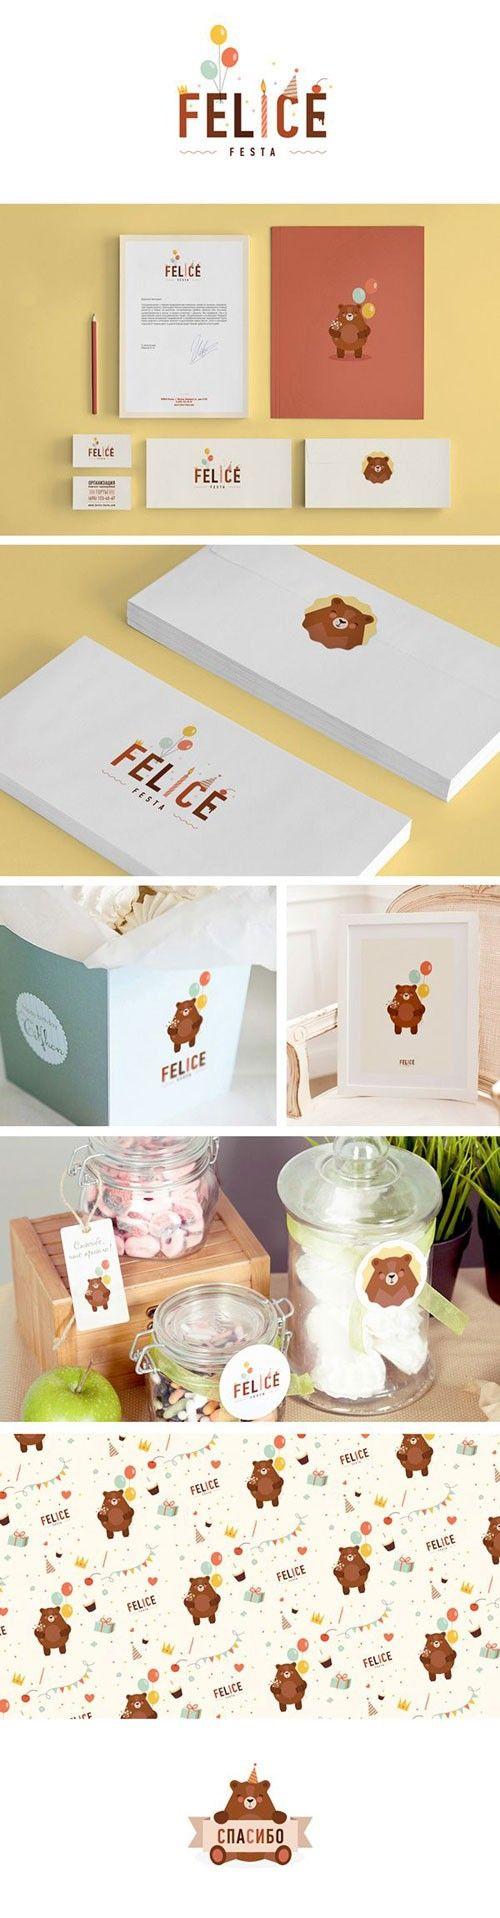 デザイン性・アイディアに富んだパッケージ/プロダクトデザインvol.35